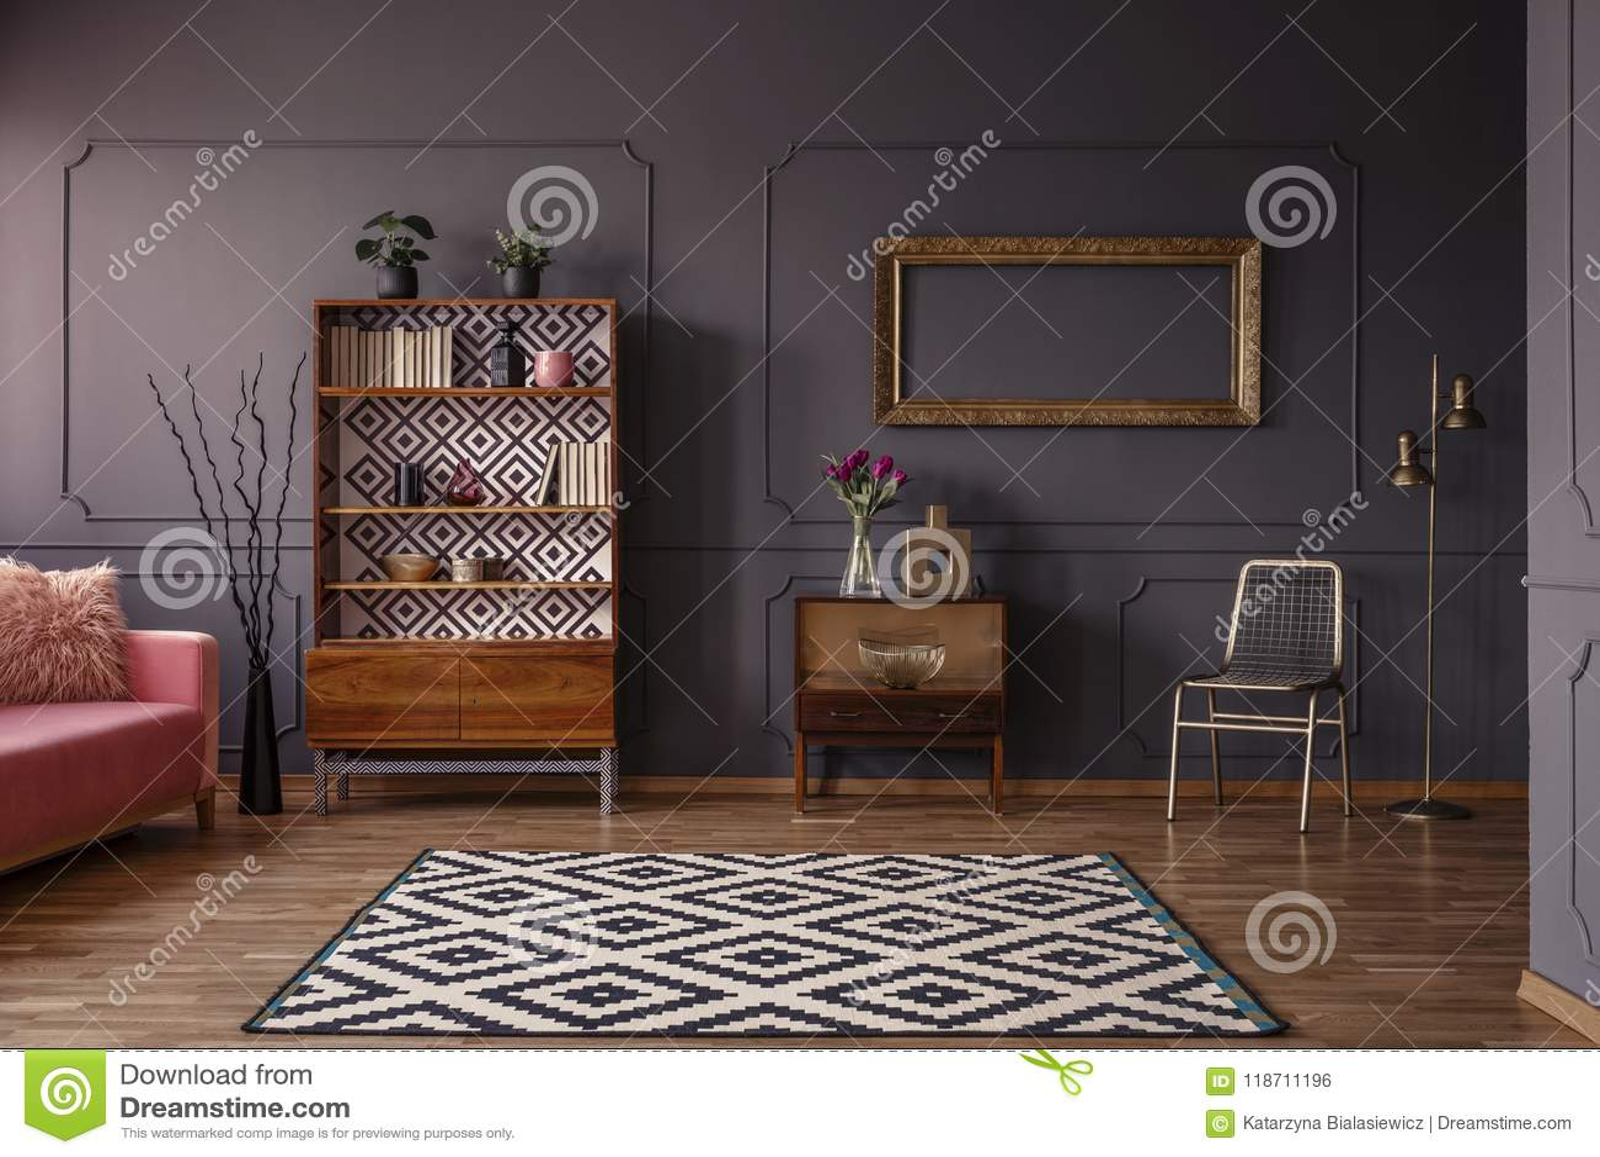 葡萄酒与一个被仿造的地毯的客厅内部,碗柜, gol